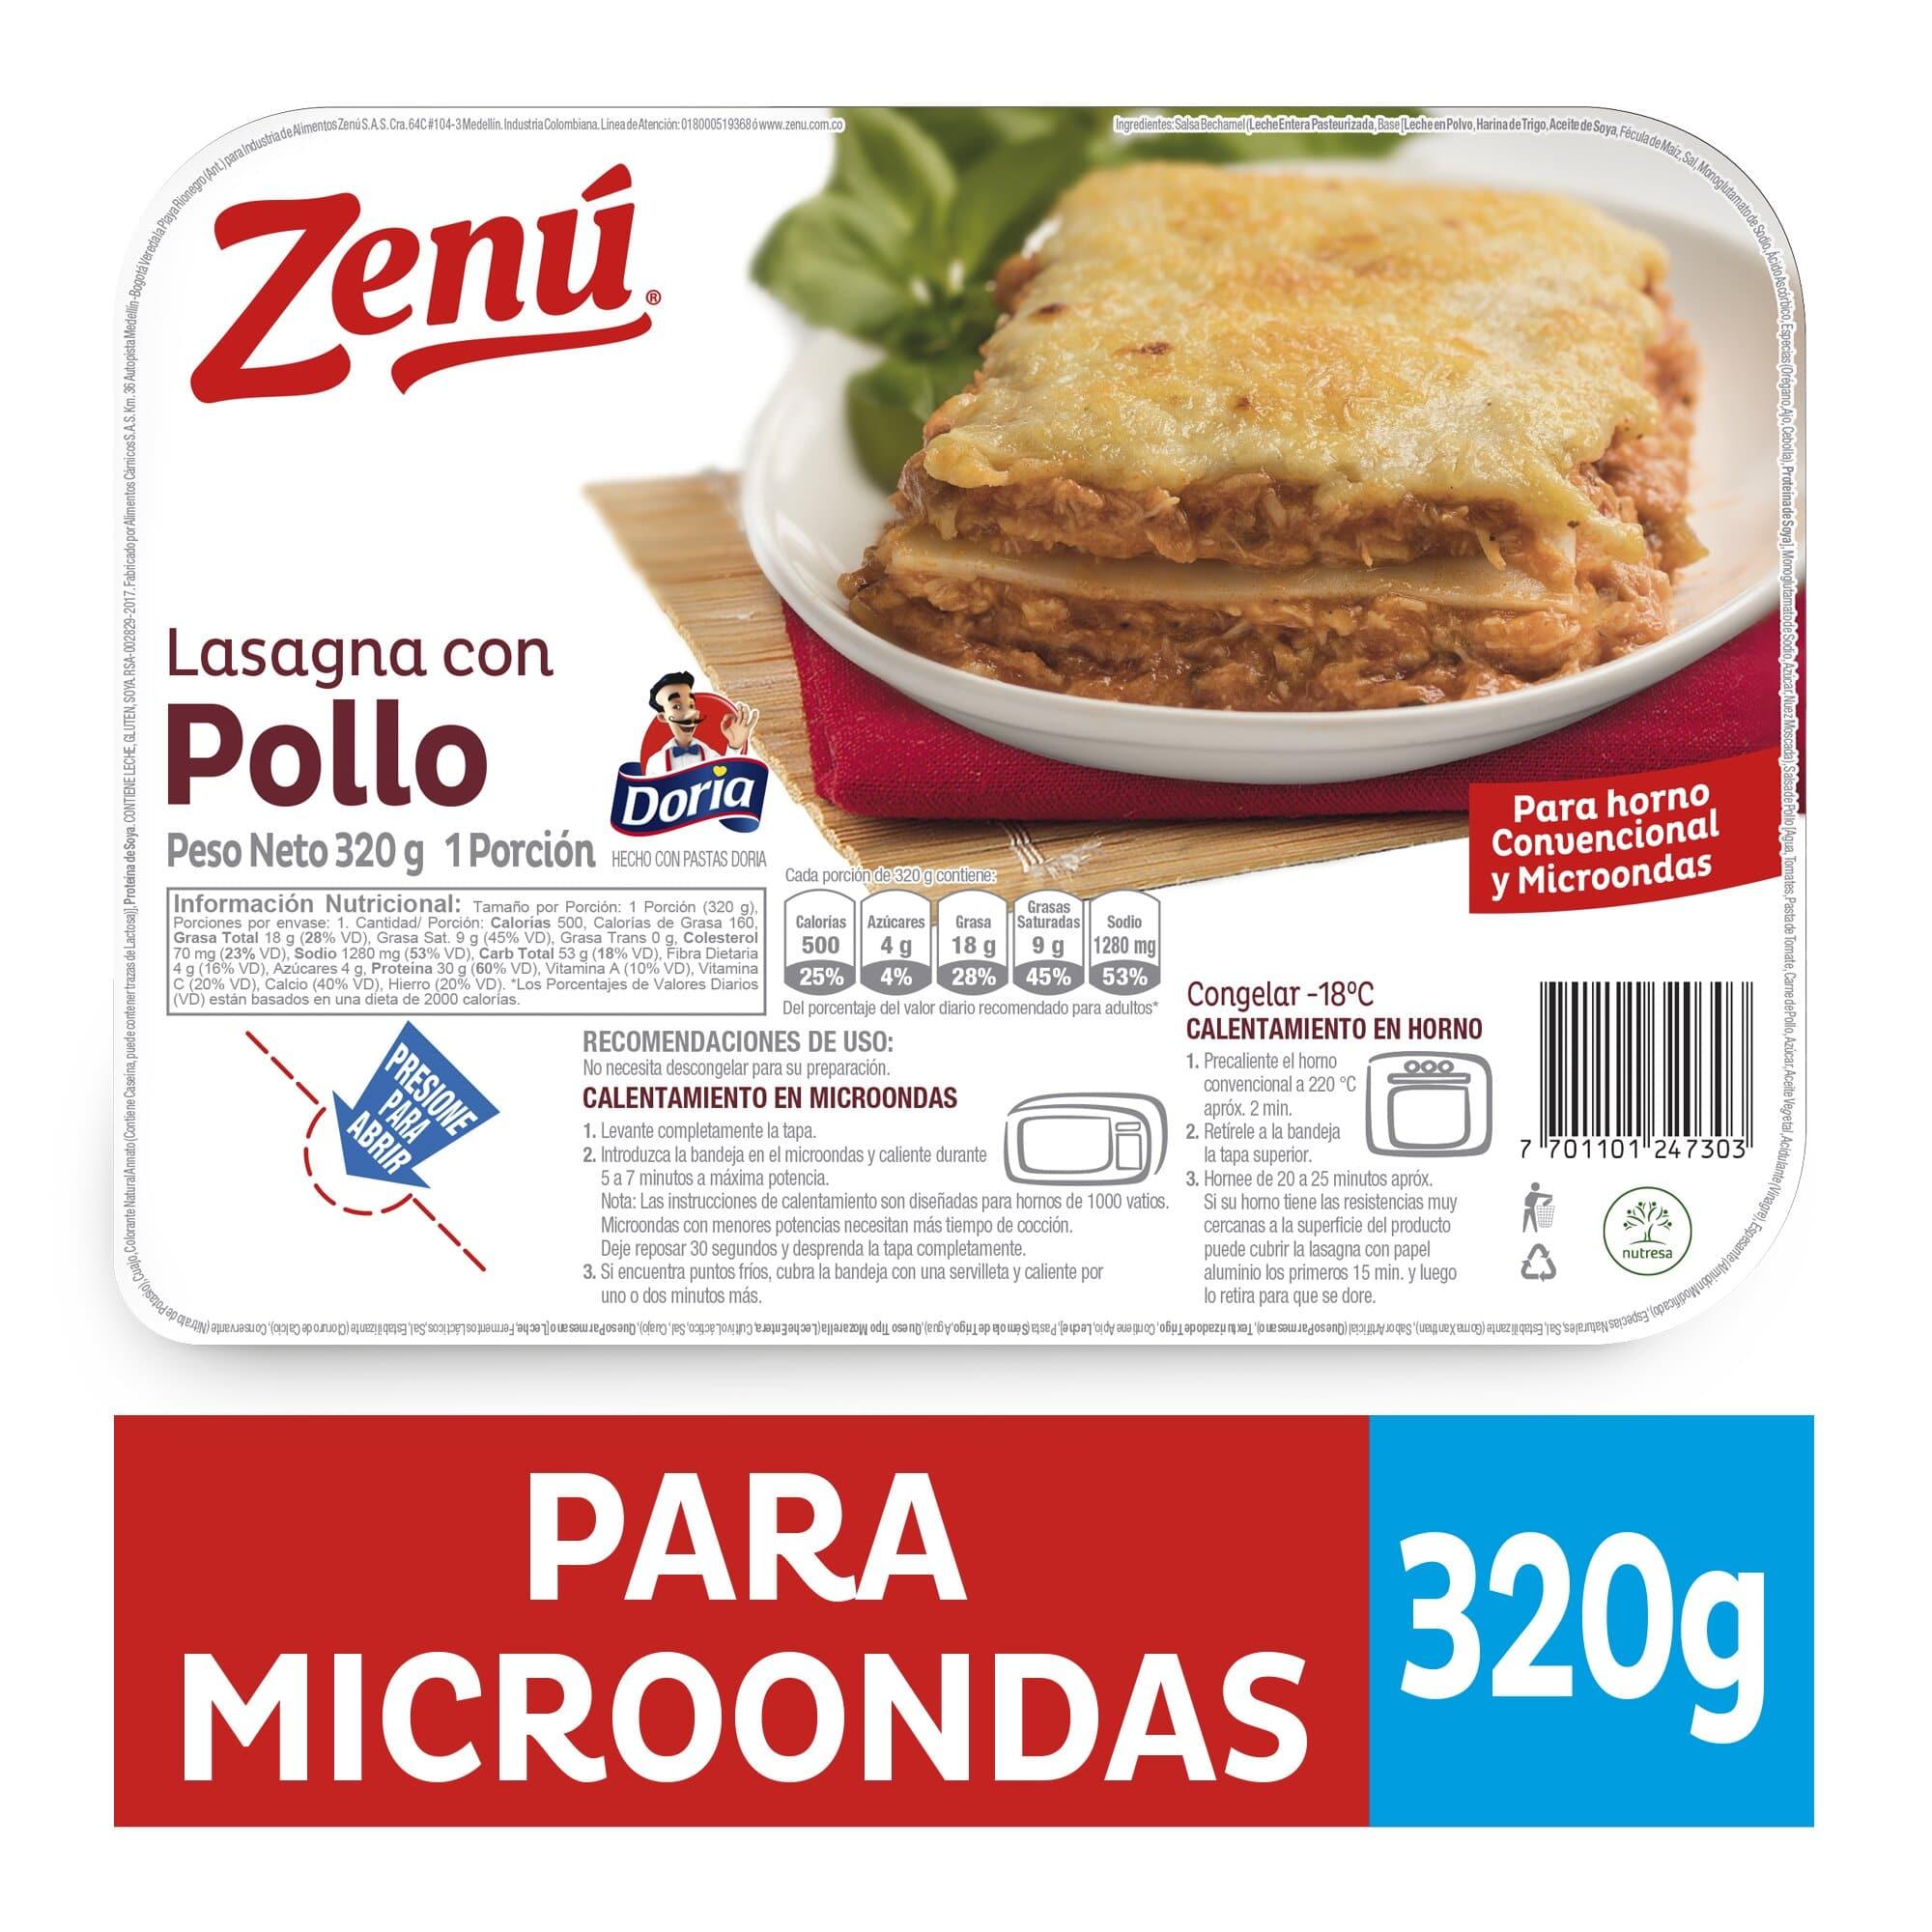 Lasagna Zenu Pollo 320g